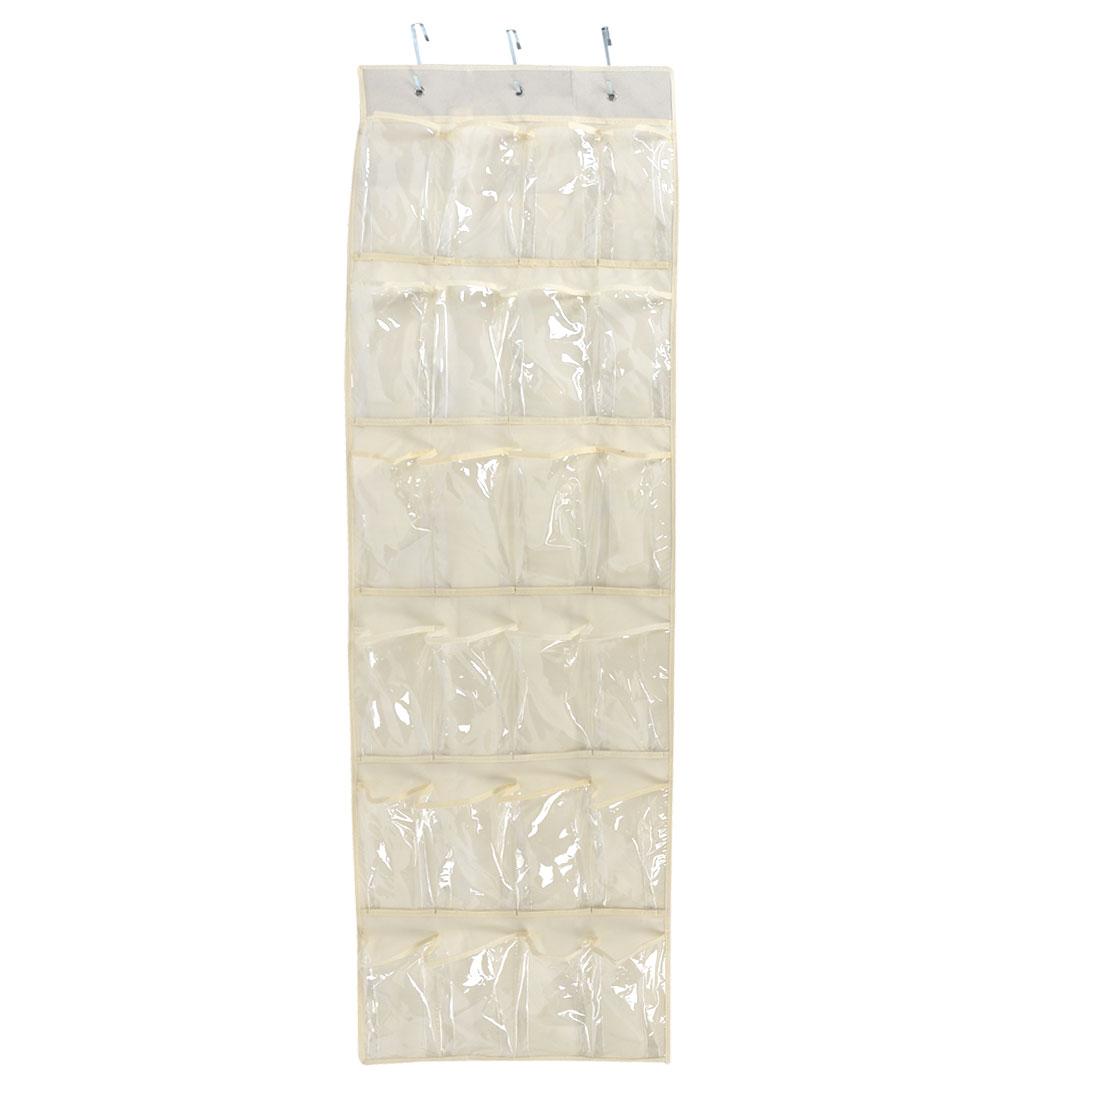 Wall Door Closet 24 Pockets Hanging Storage Bag Case Organizer Beige